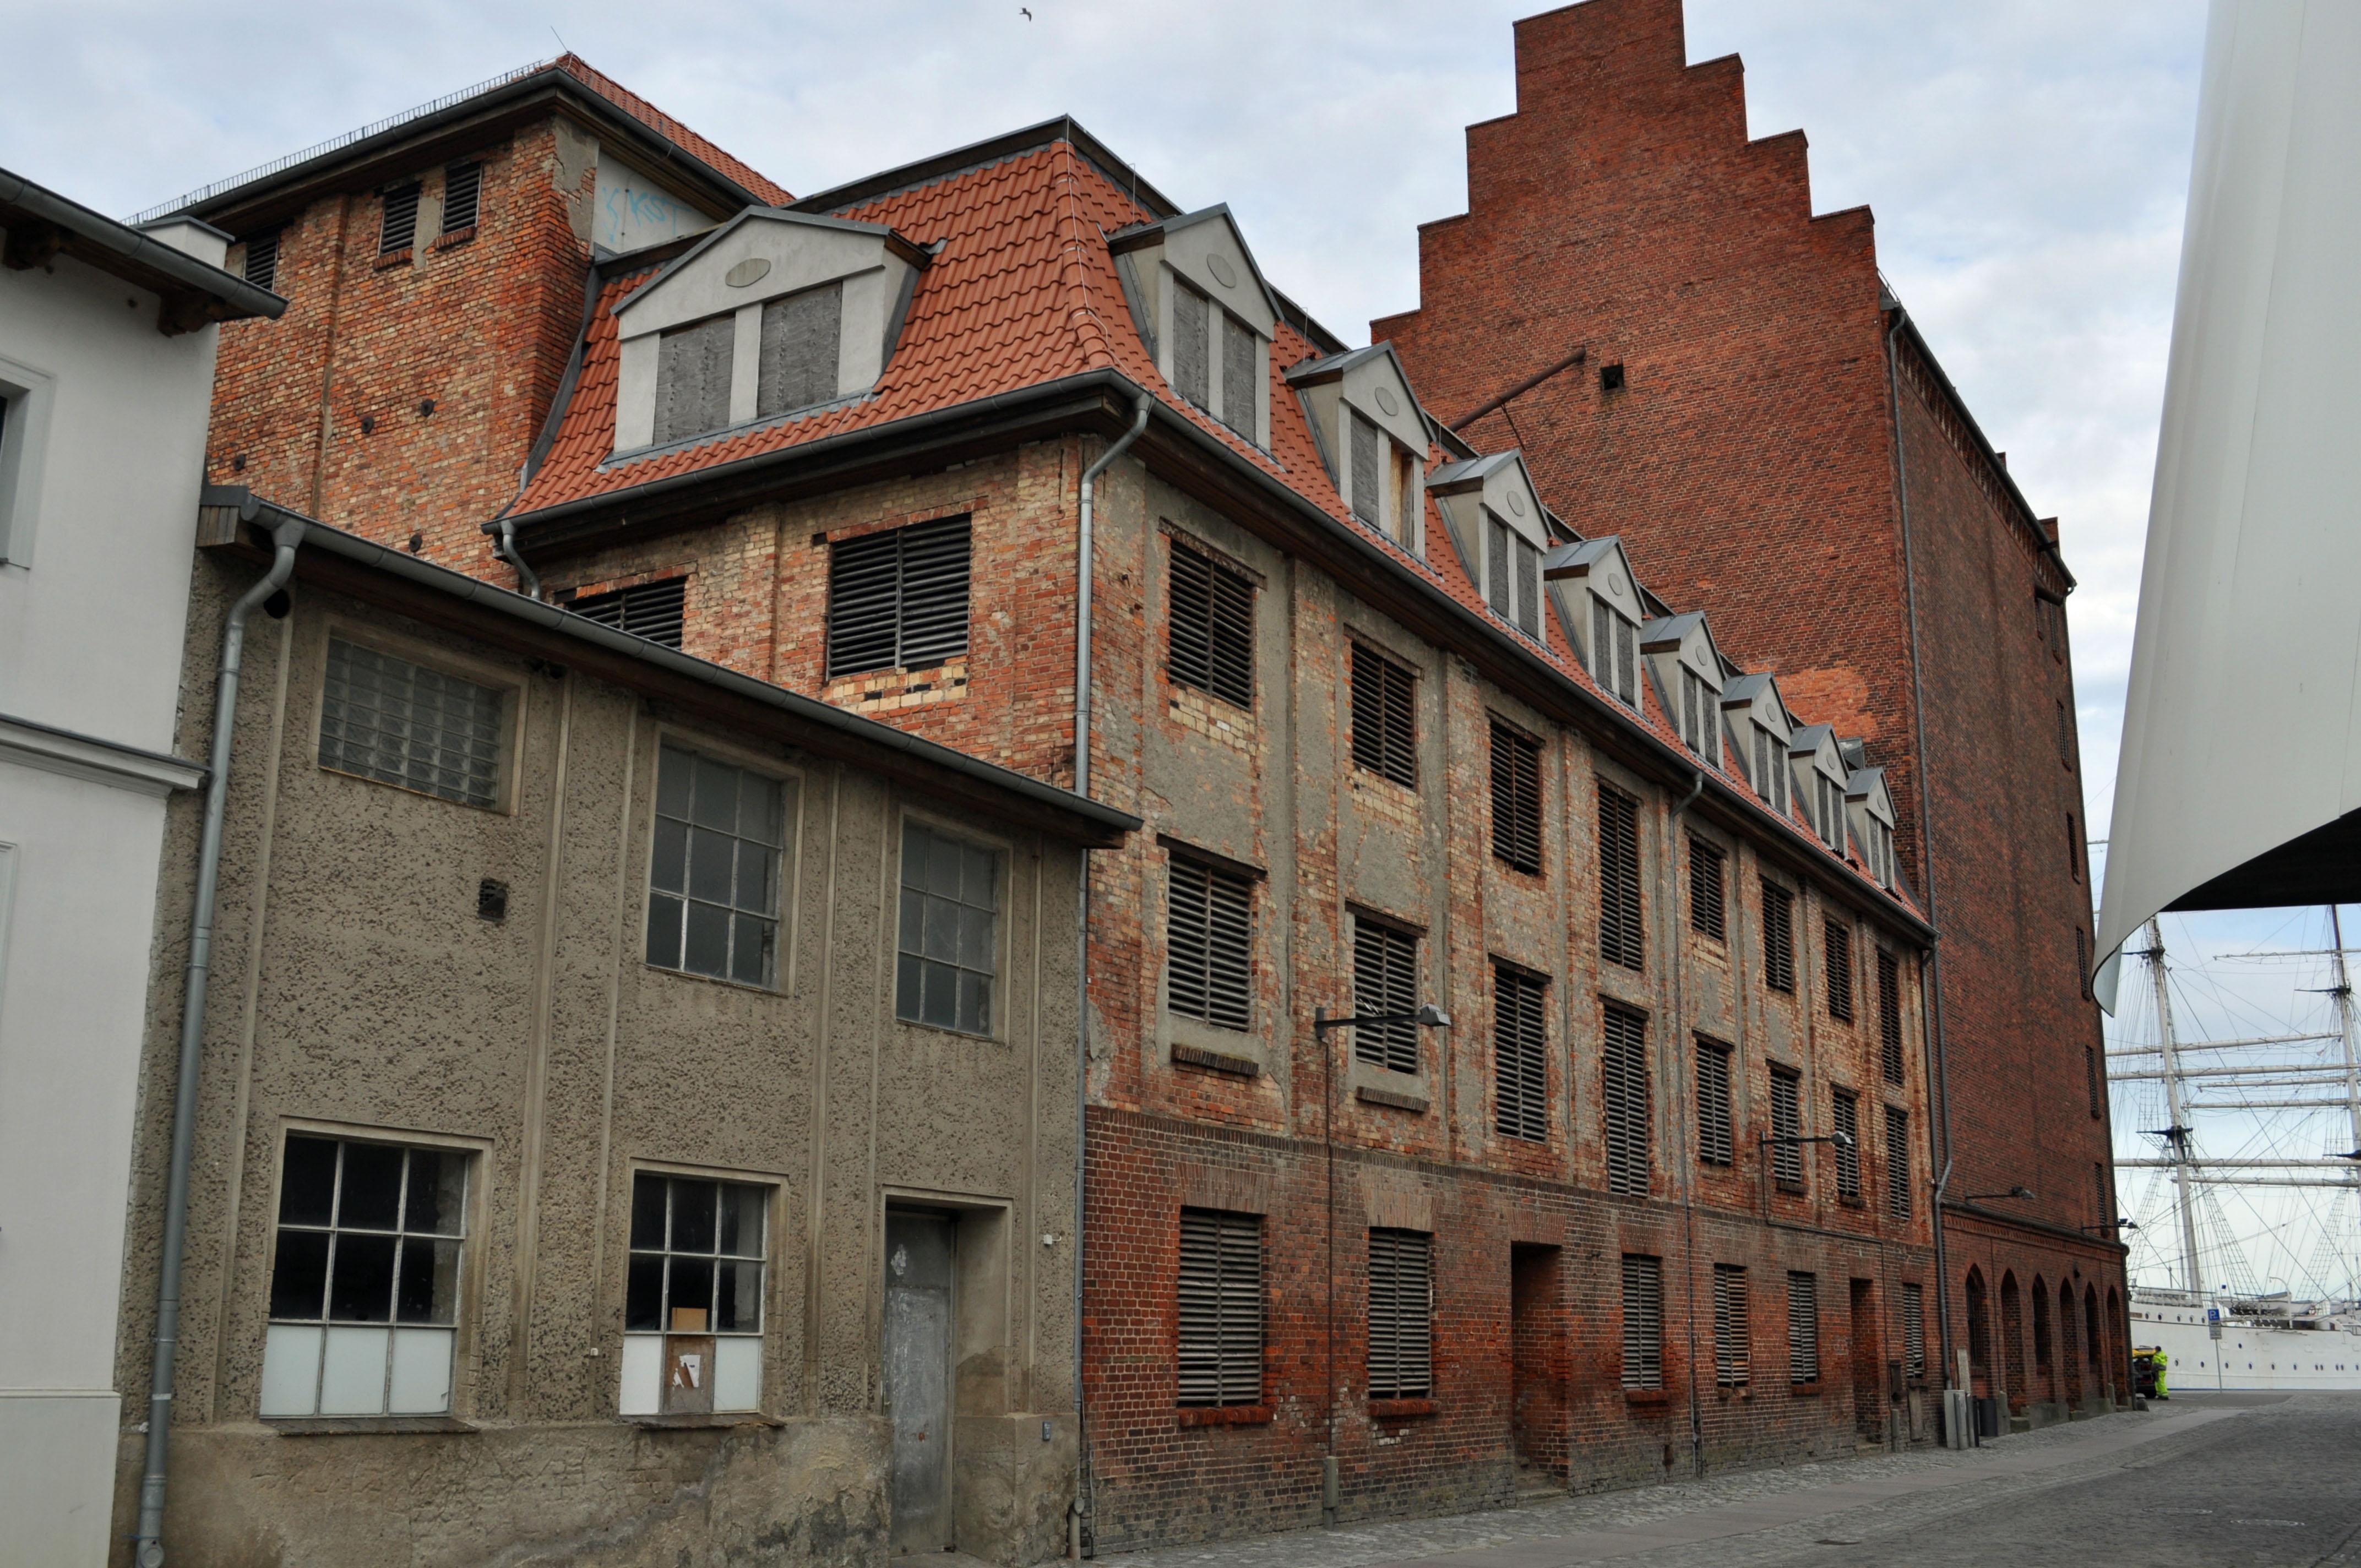 Modelle aus Stralsund, Hansestadt